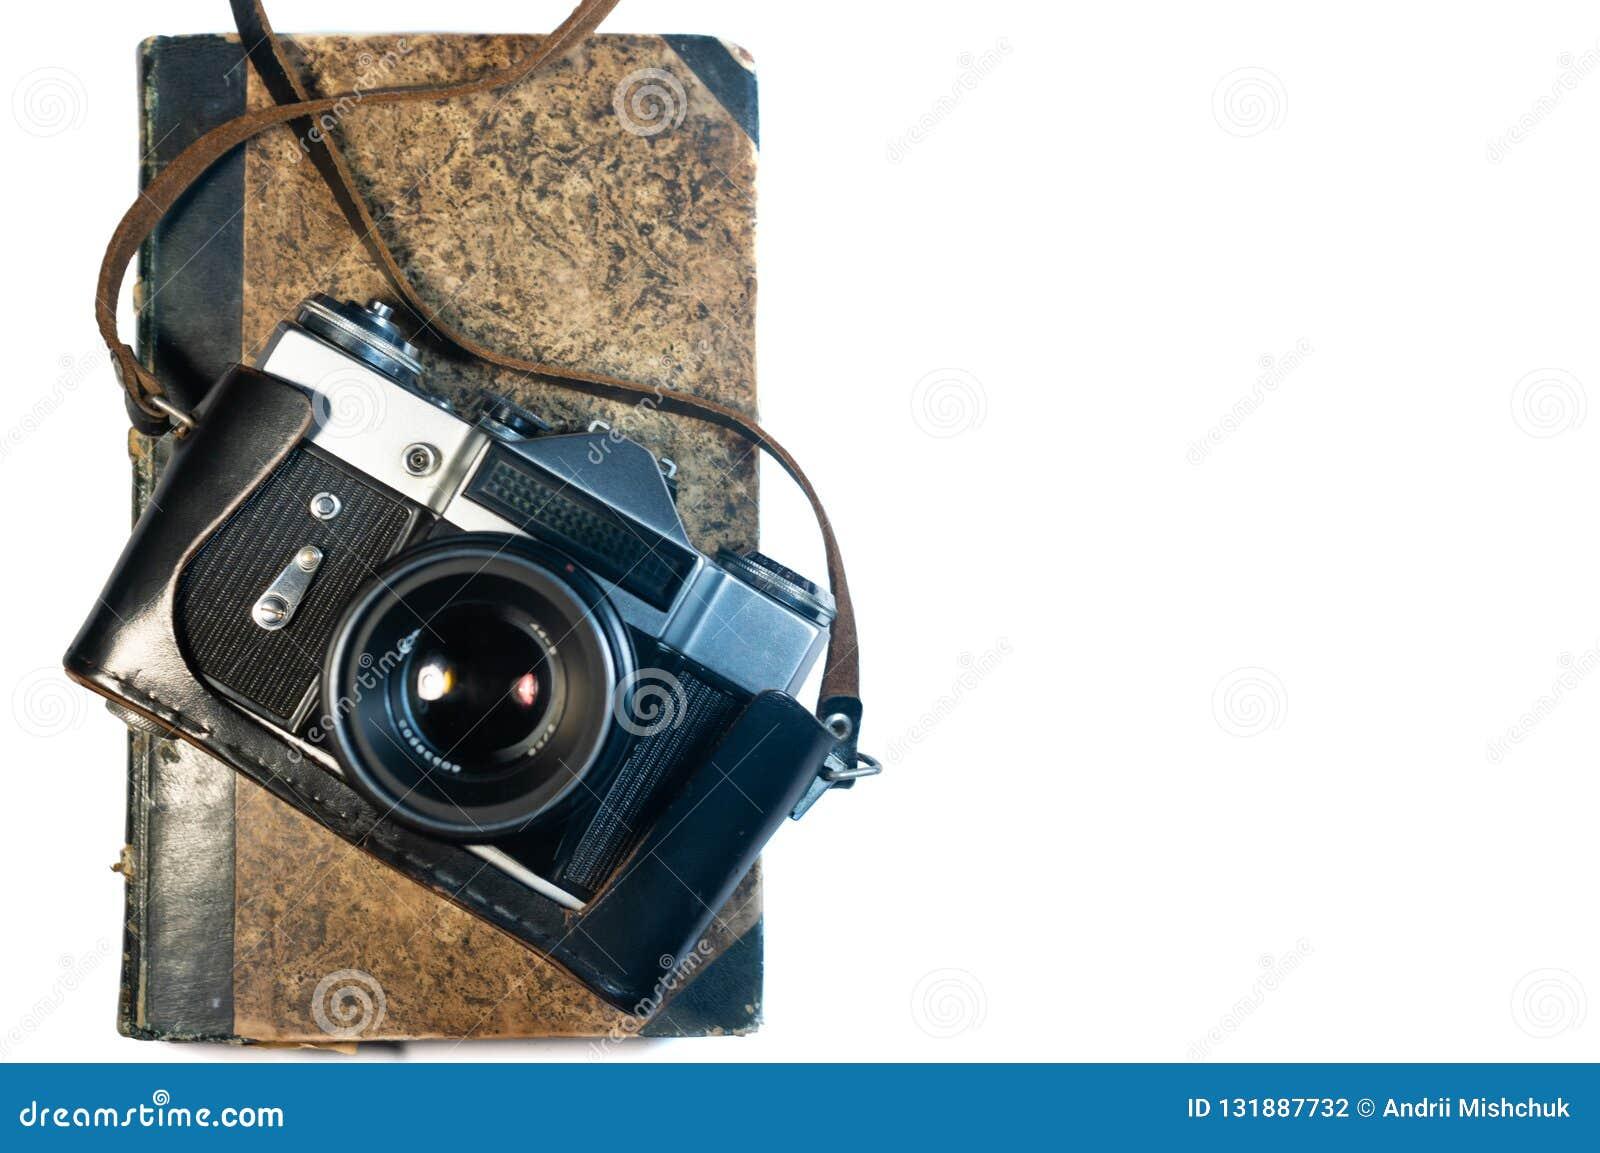 Macchina fotografica della foto e vecchio libro su fondo bianco isolato